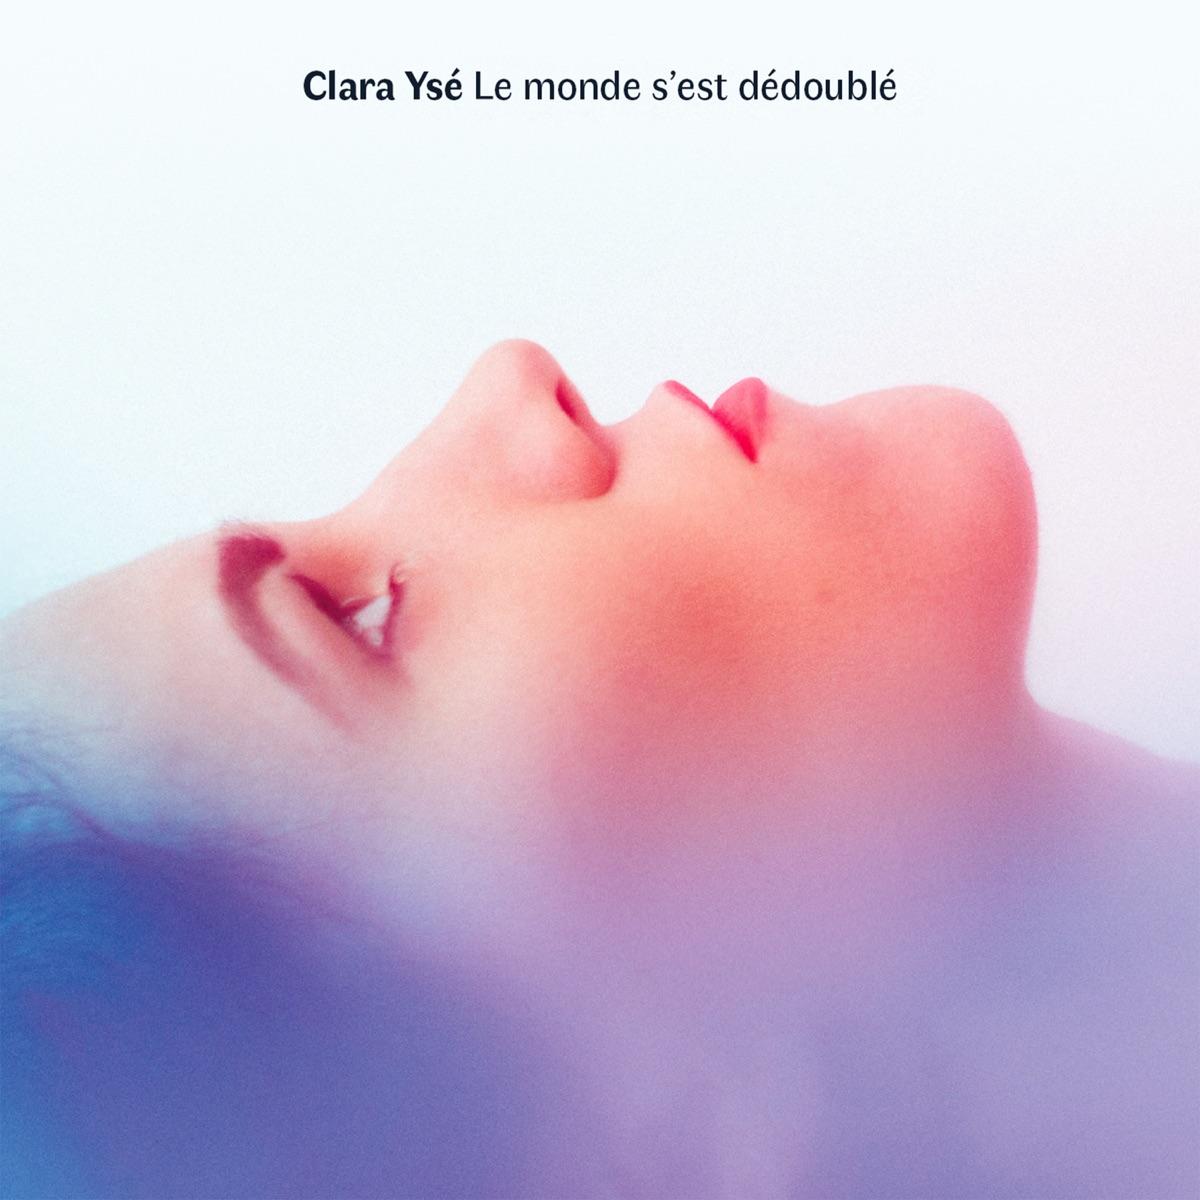 Chanson française-Playlist - Page 10 Clara-Yse-Le-monde-sest-dedouble